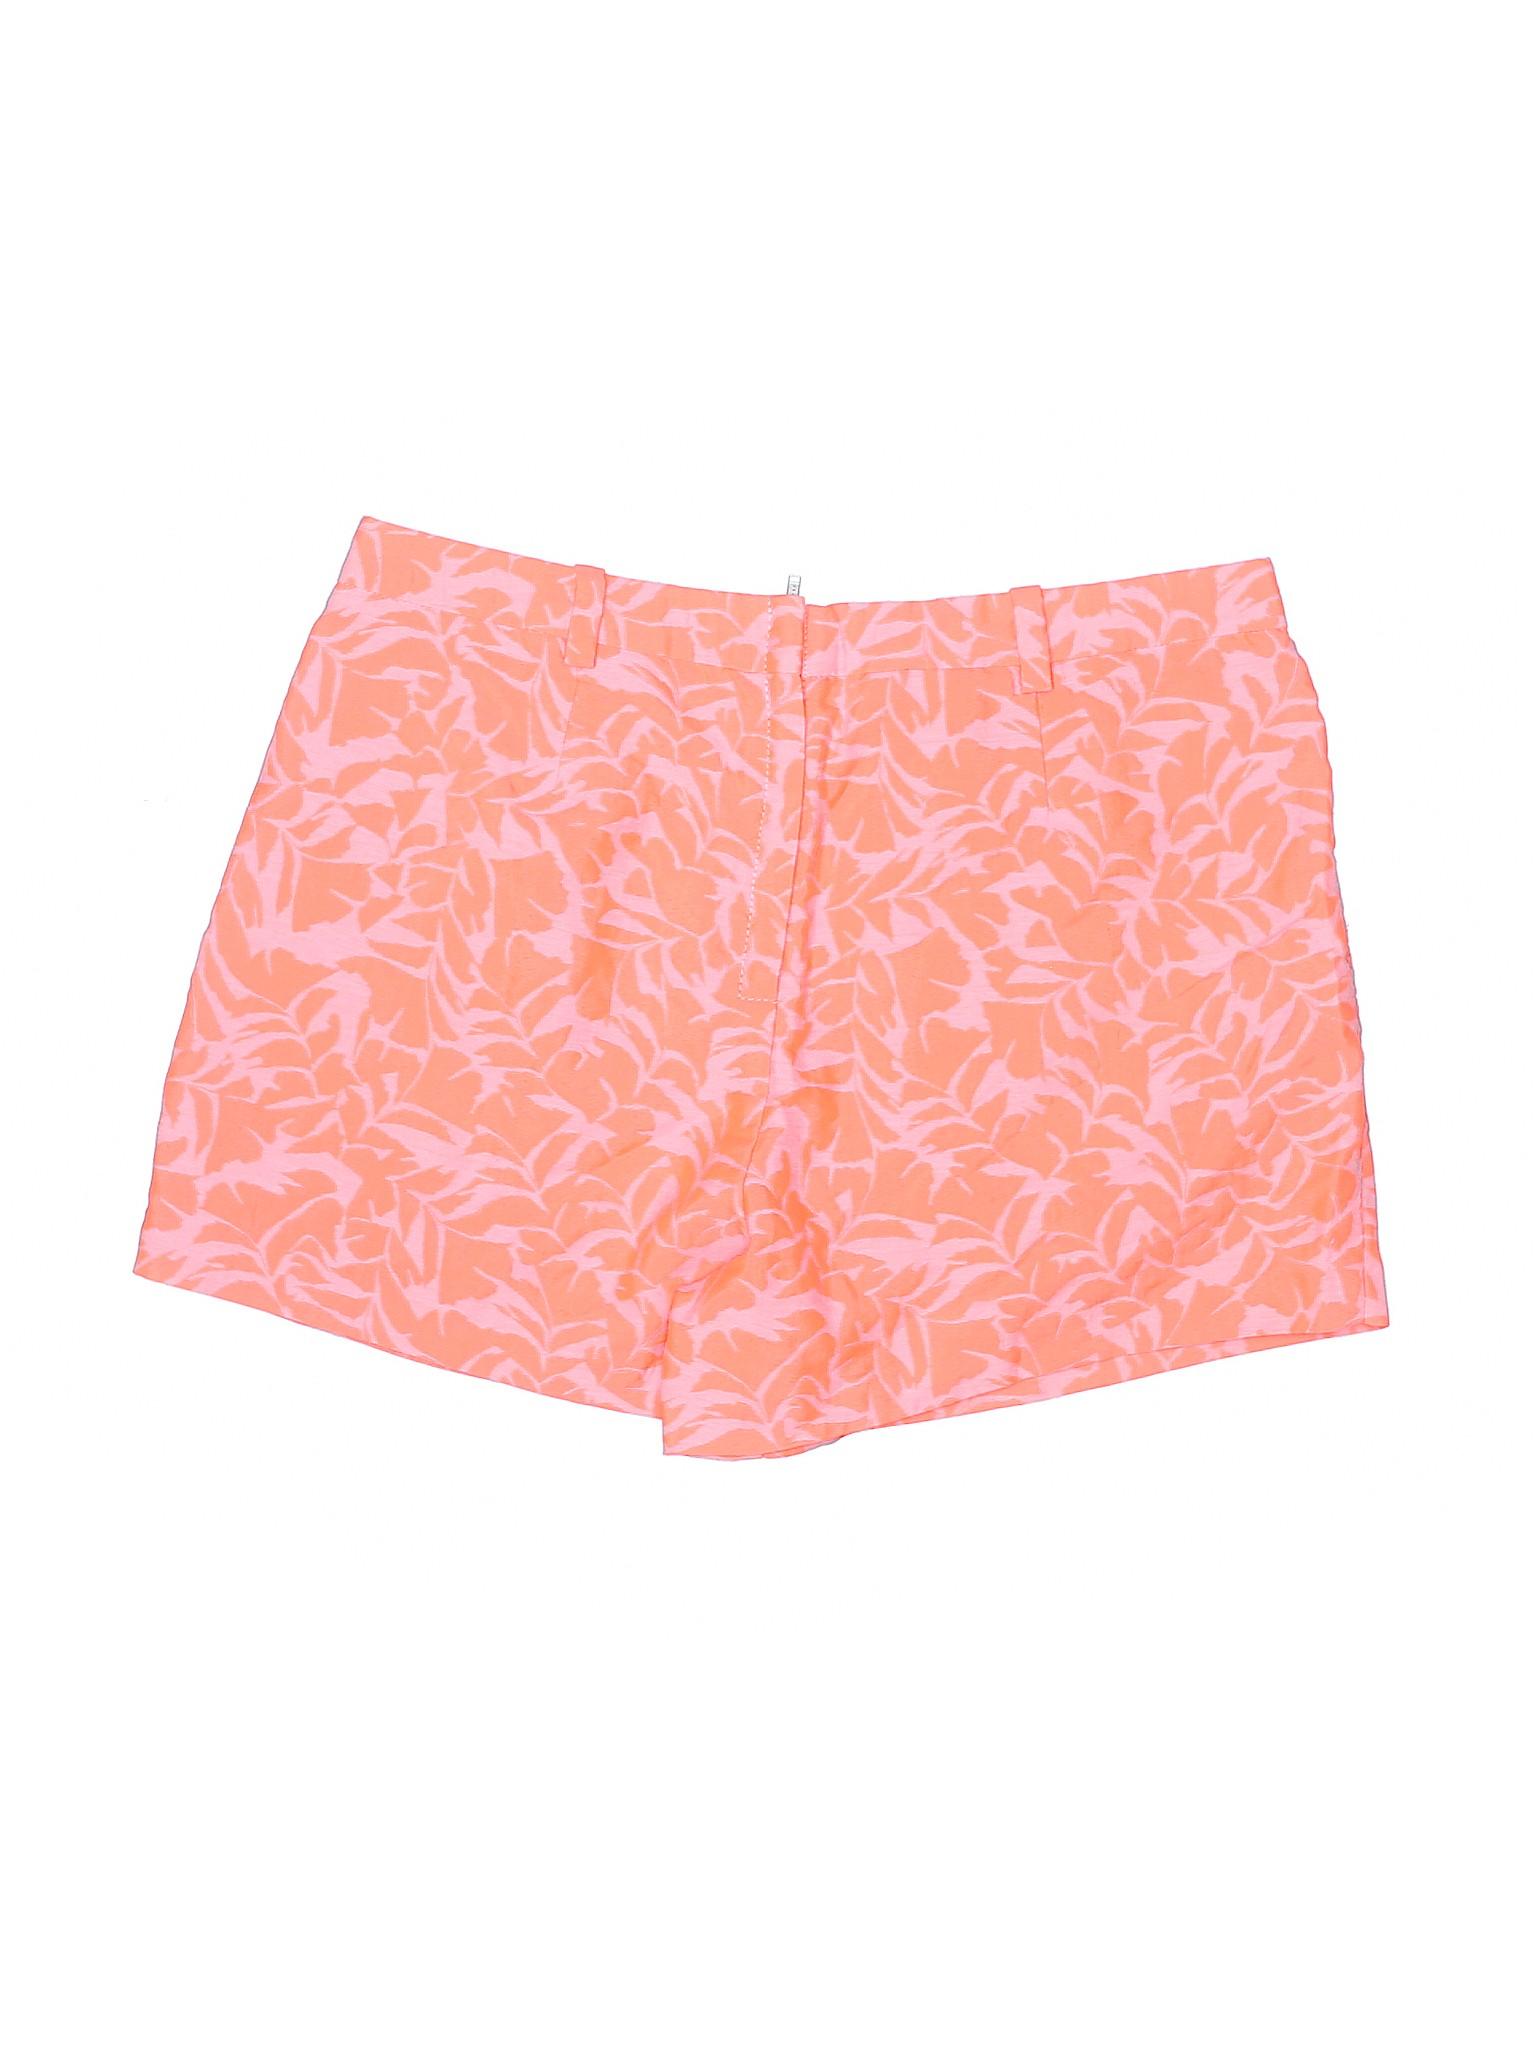 Boutique J Boutique J Crew Crew Shorts Shorts Boutique J pxqYXqgr